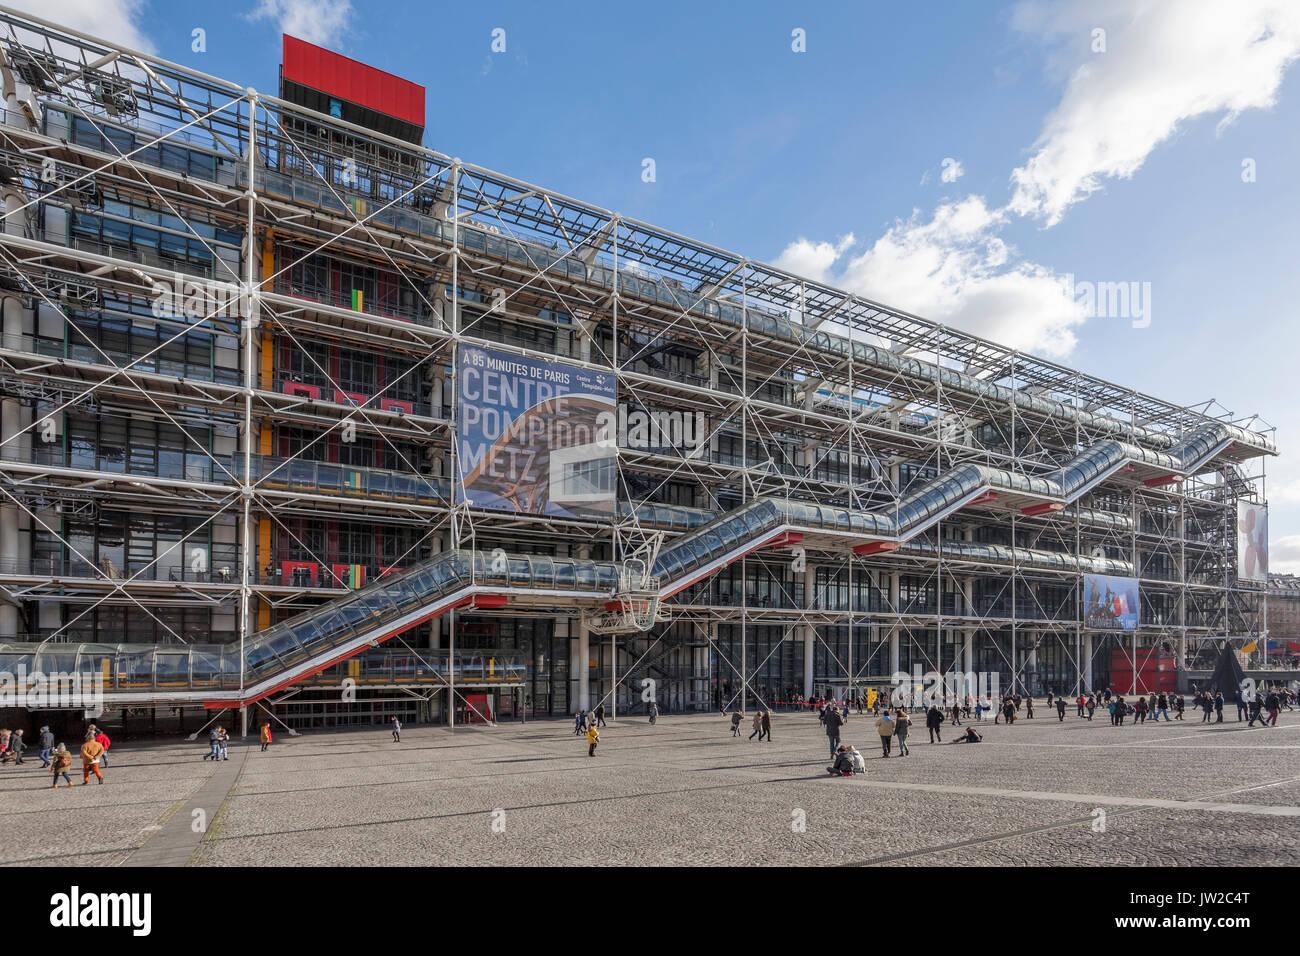 Centro Pompidou, el Centre national d'art et de culture Georges Pompidou, Beaubourg, la alta tecnología o arquitectura Foto de stock